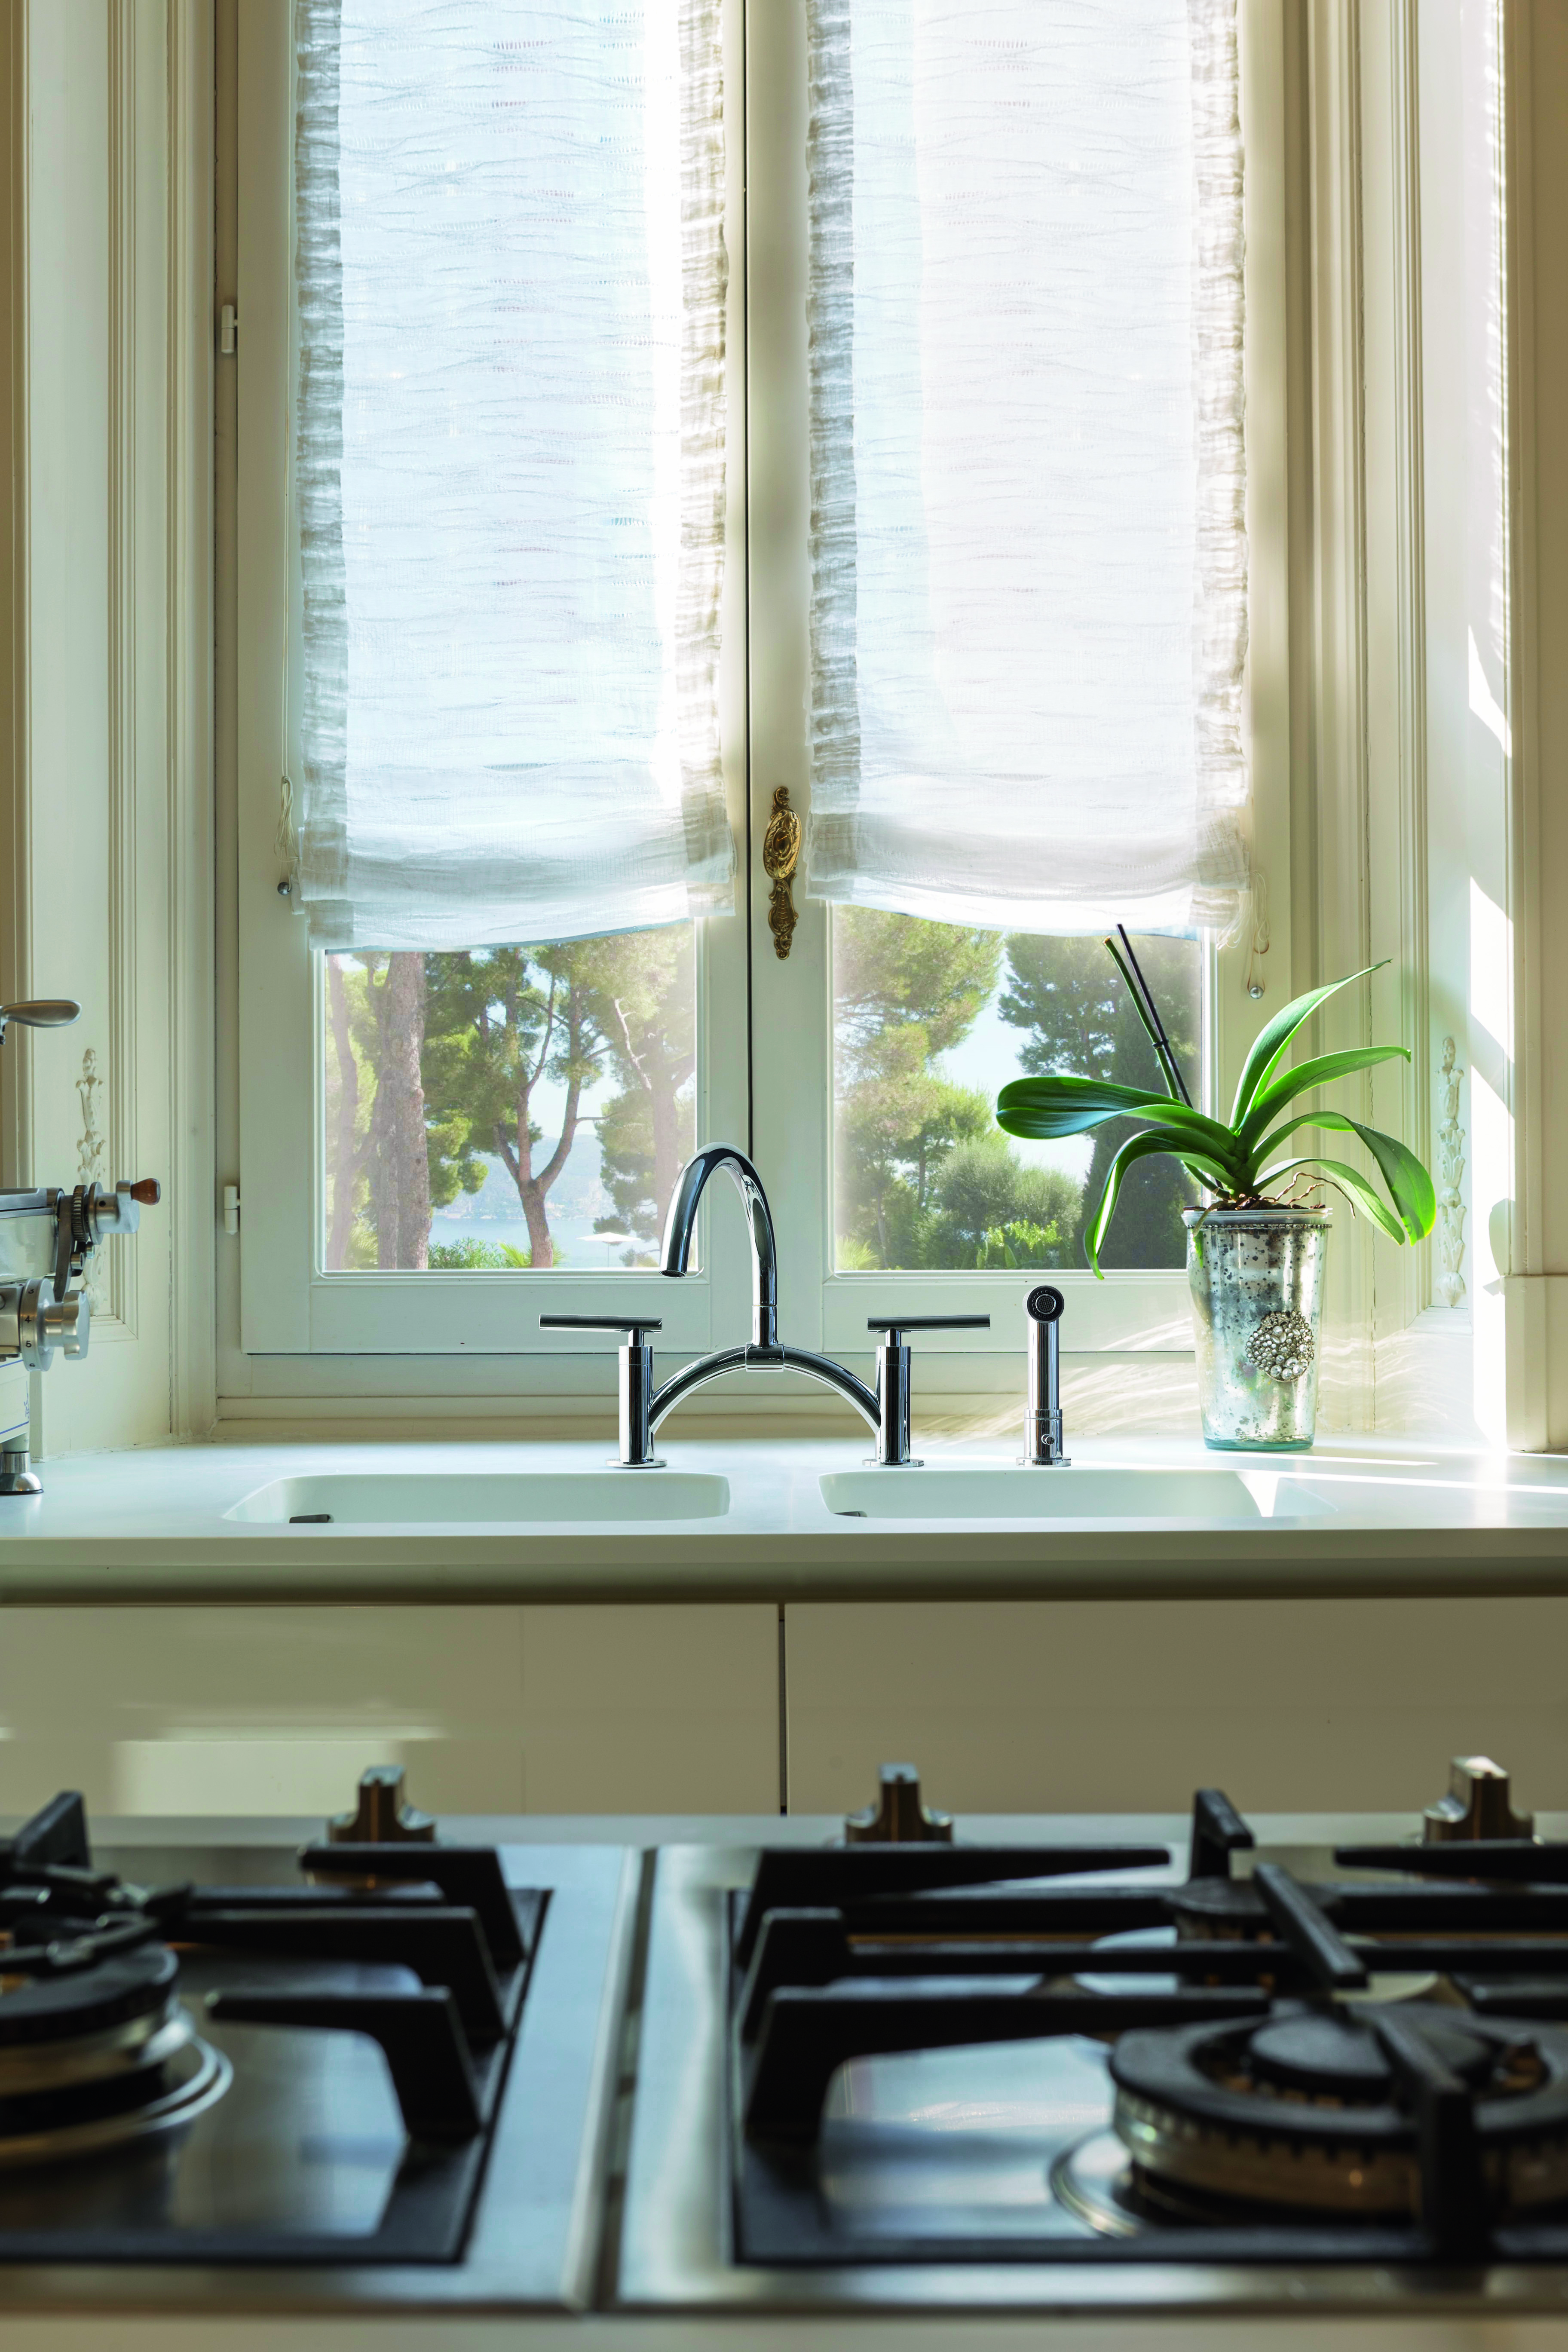 GRAFF präsentiert die innovative Sospiro Küchenarmatur ...